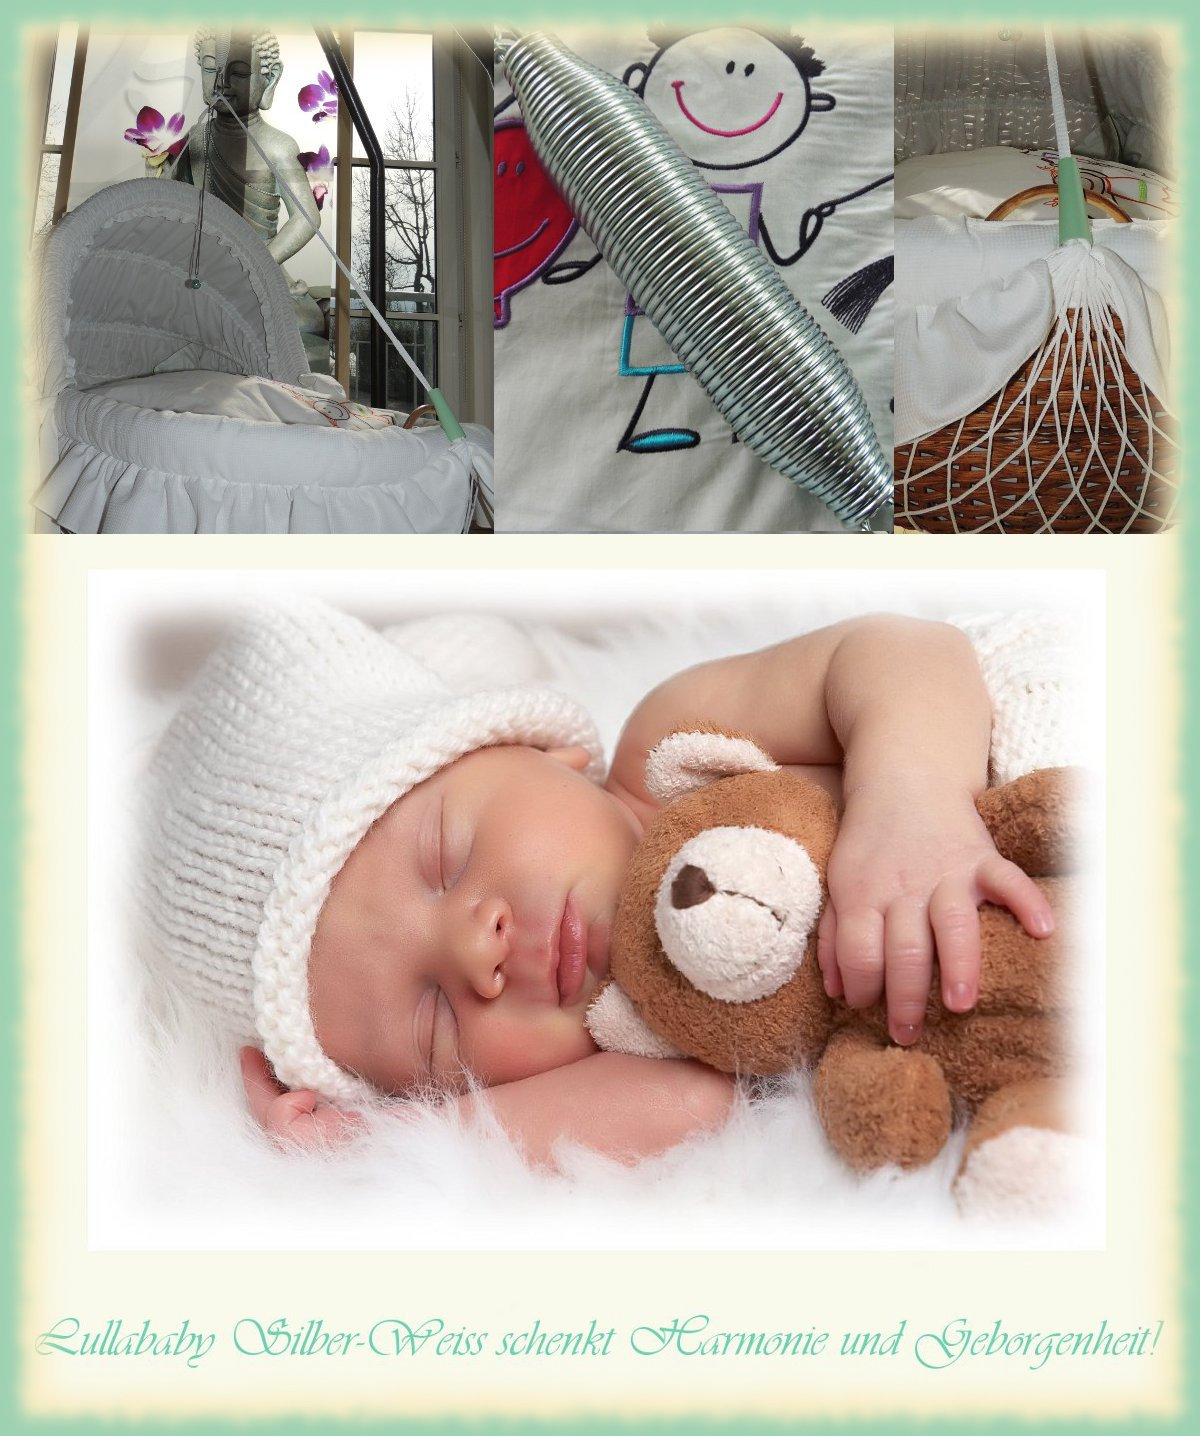 Neue Lullababy® Sicherheit durch Tempern Lullababy-Federwiege mit neuer getemperter Sanftschwingfeder und weißem Netz - bis 25 Kg product image